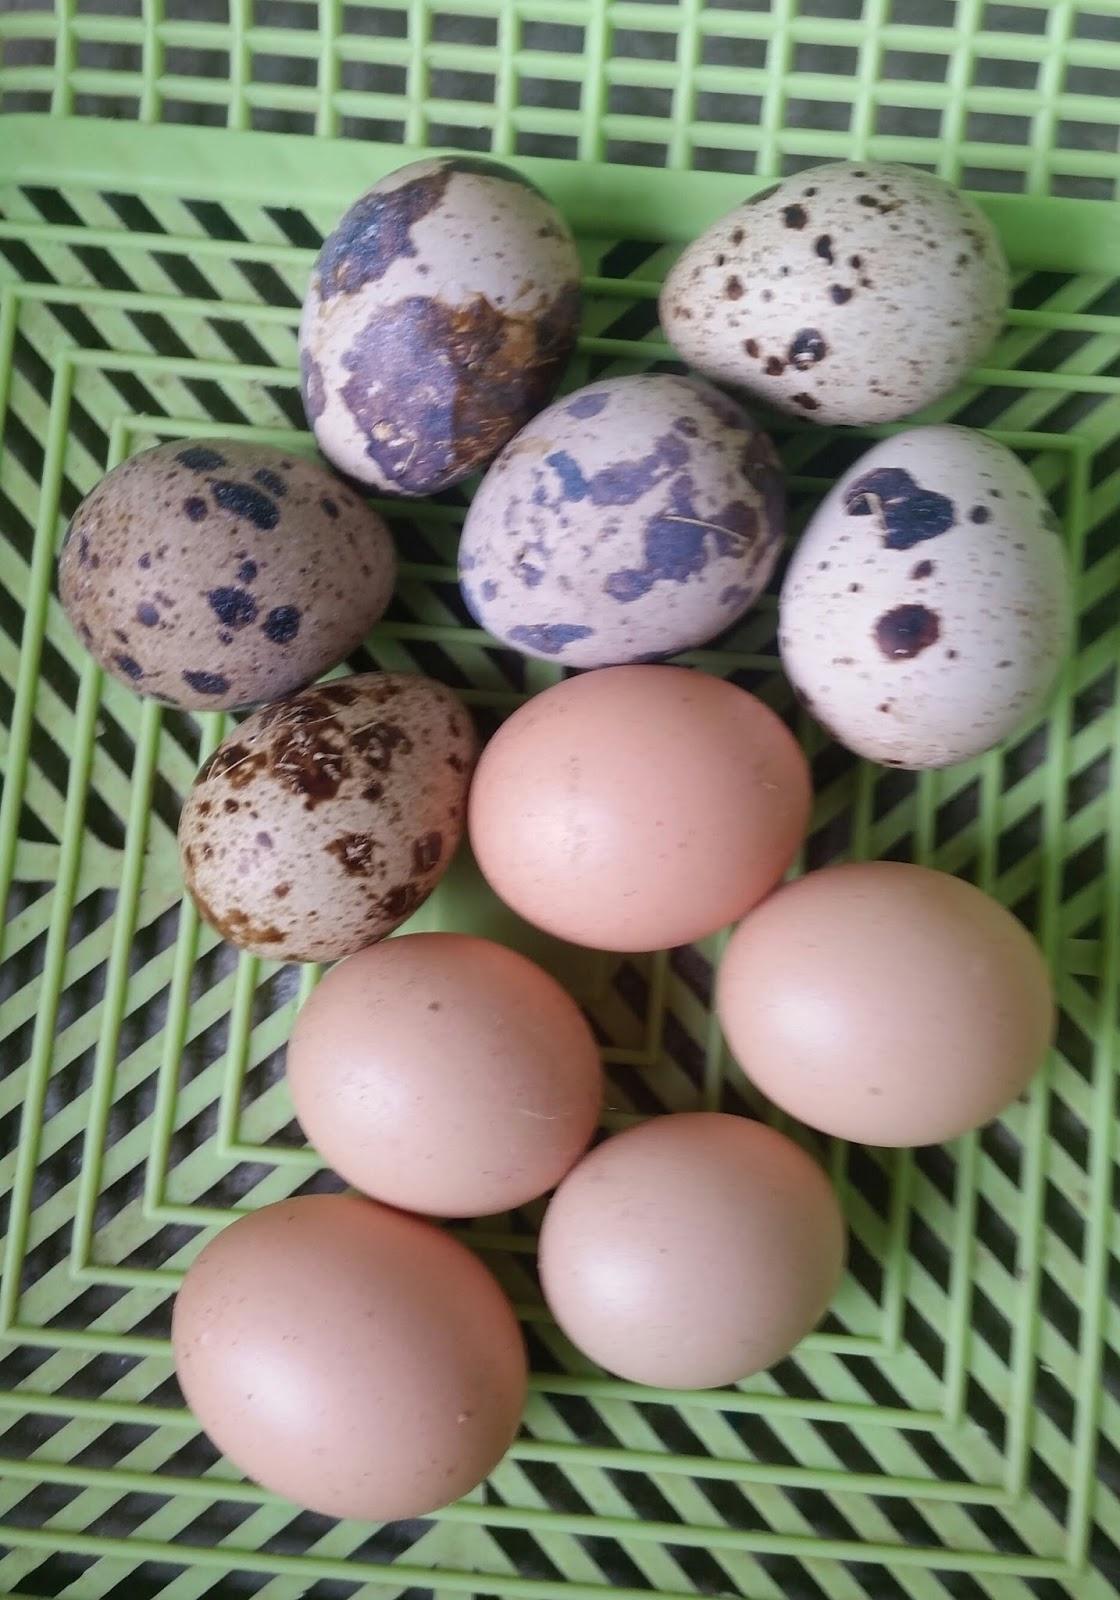 Warisan Petani Telur Ayam Jantan